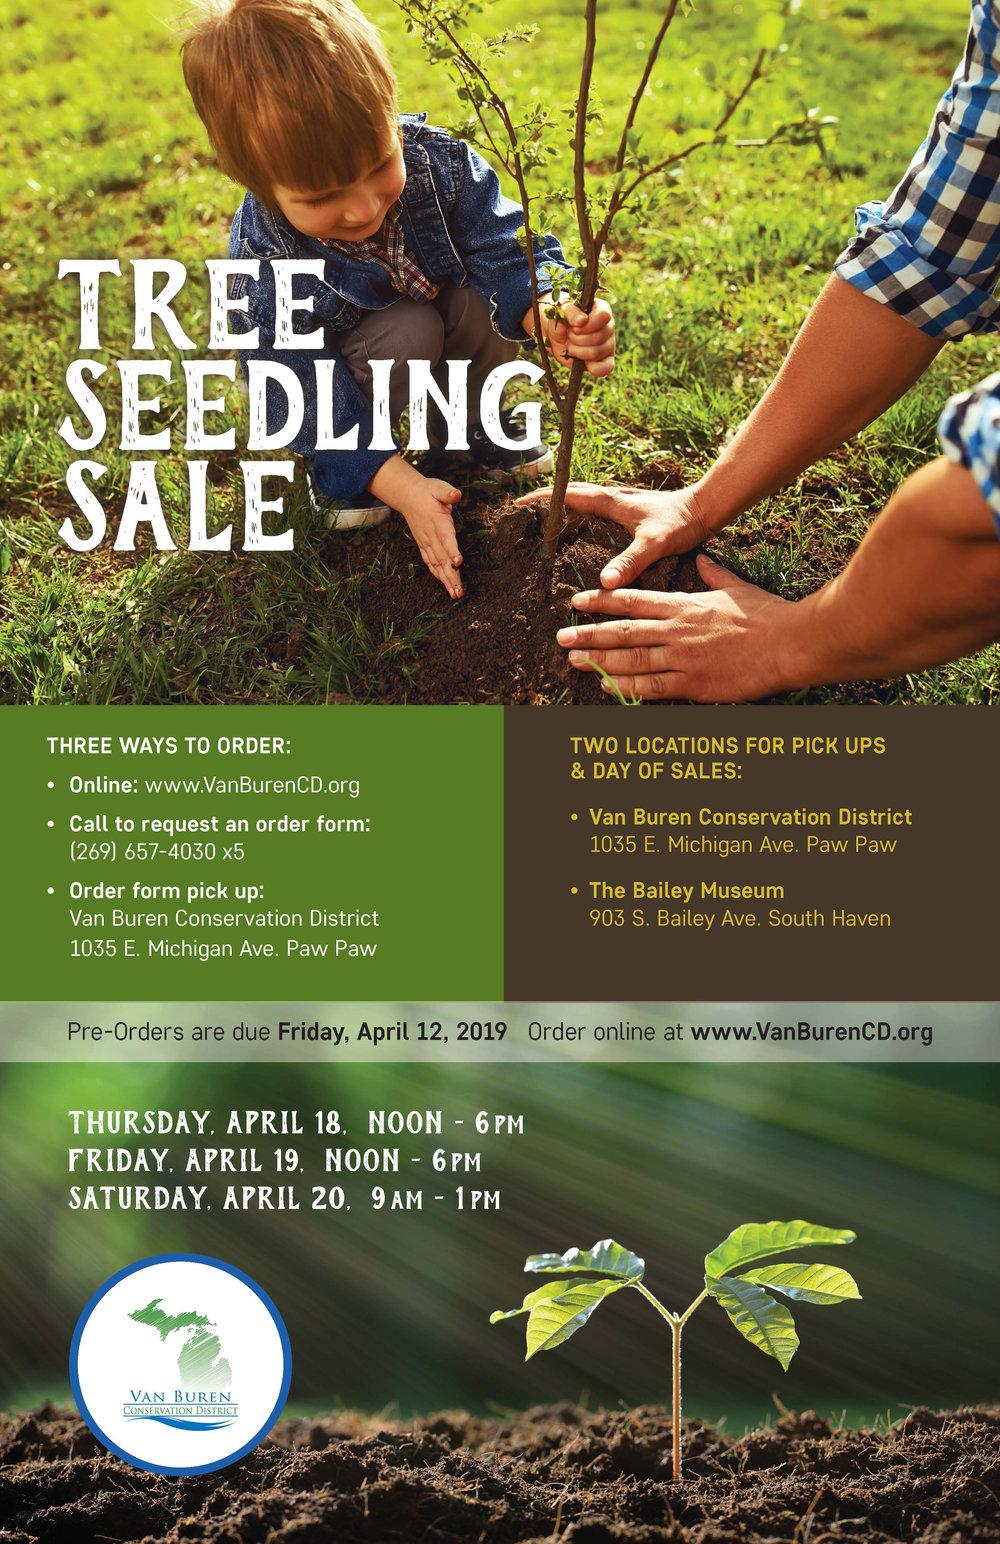 TreeSeedlingSale_Poster FINAL.jpg